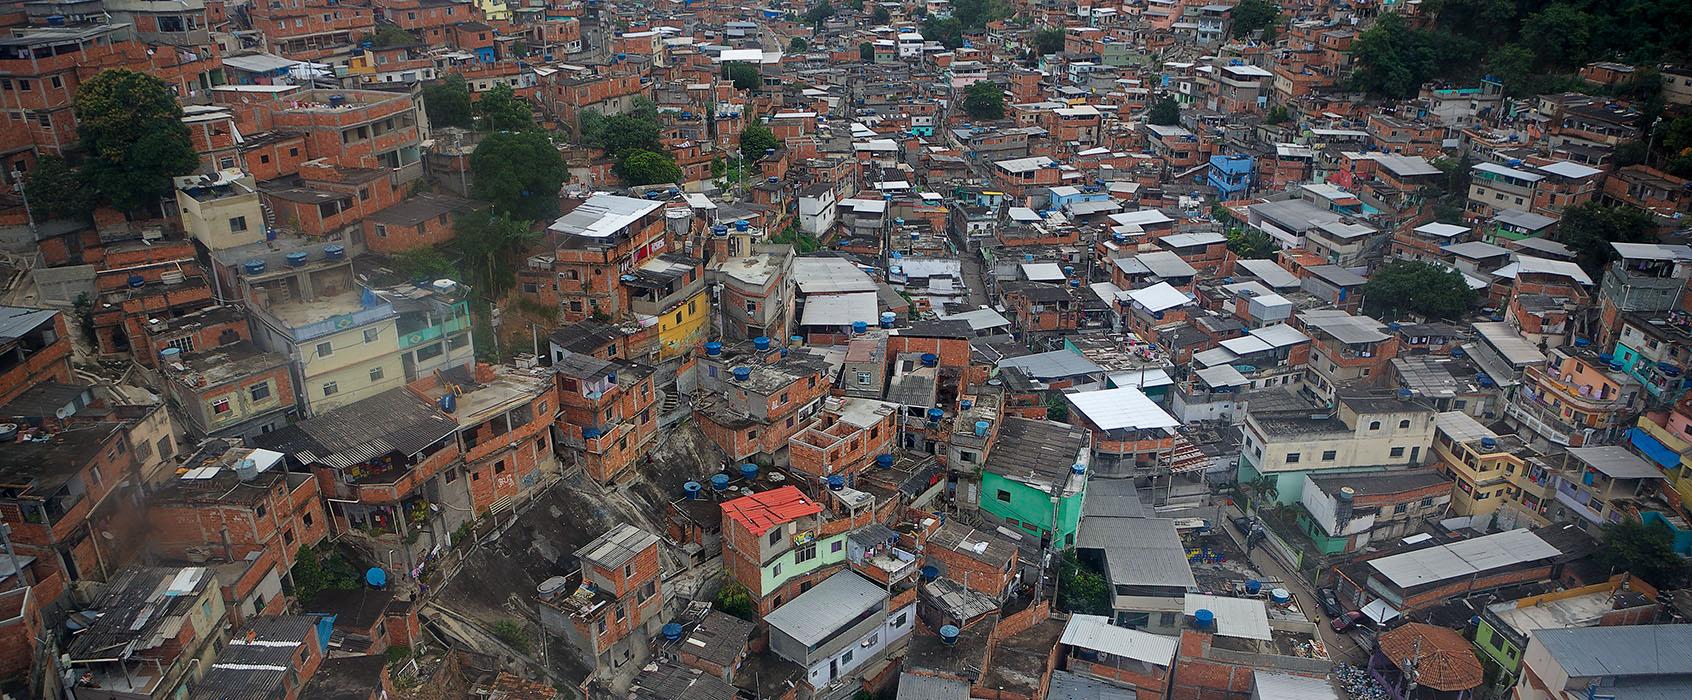 mvg_Rio_#12_favela